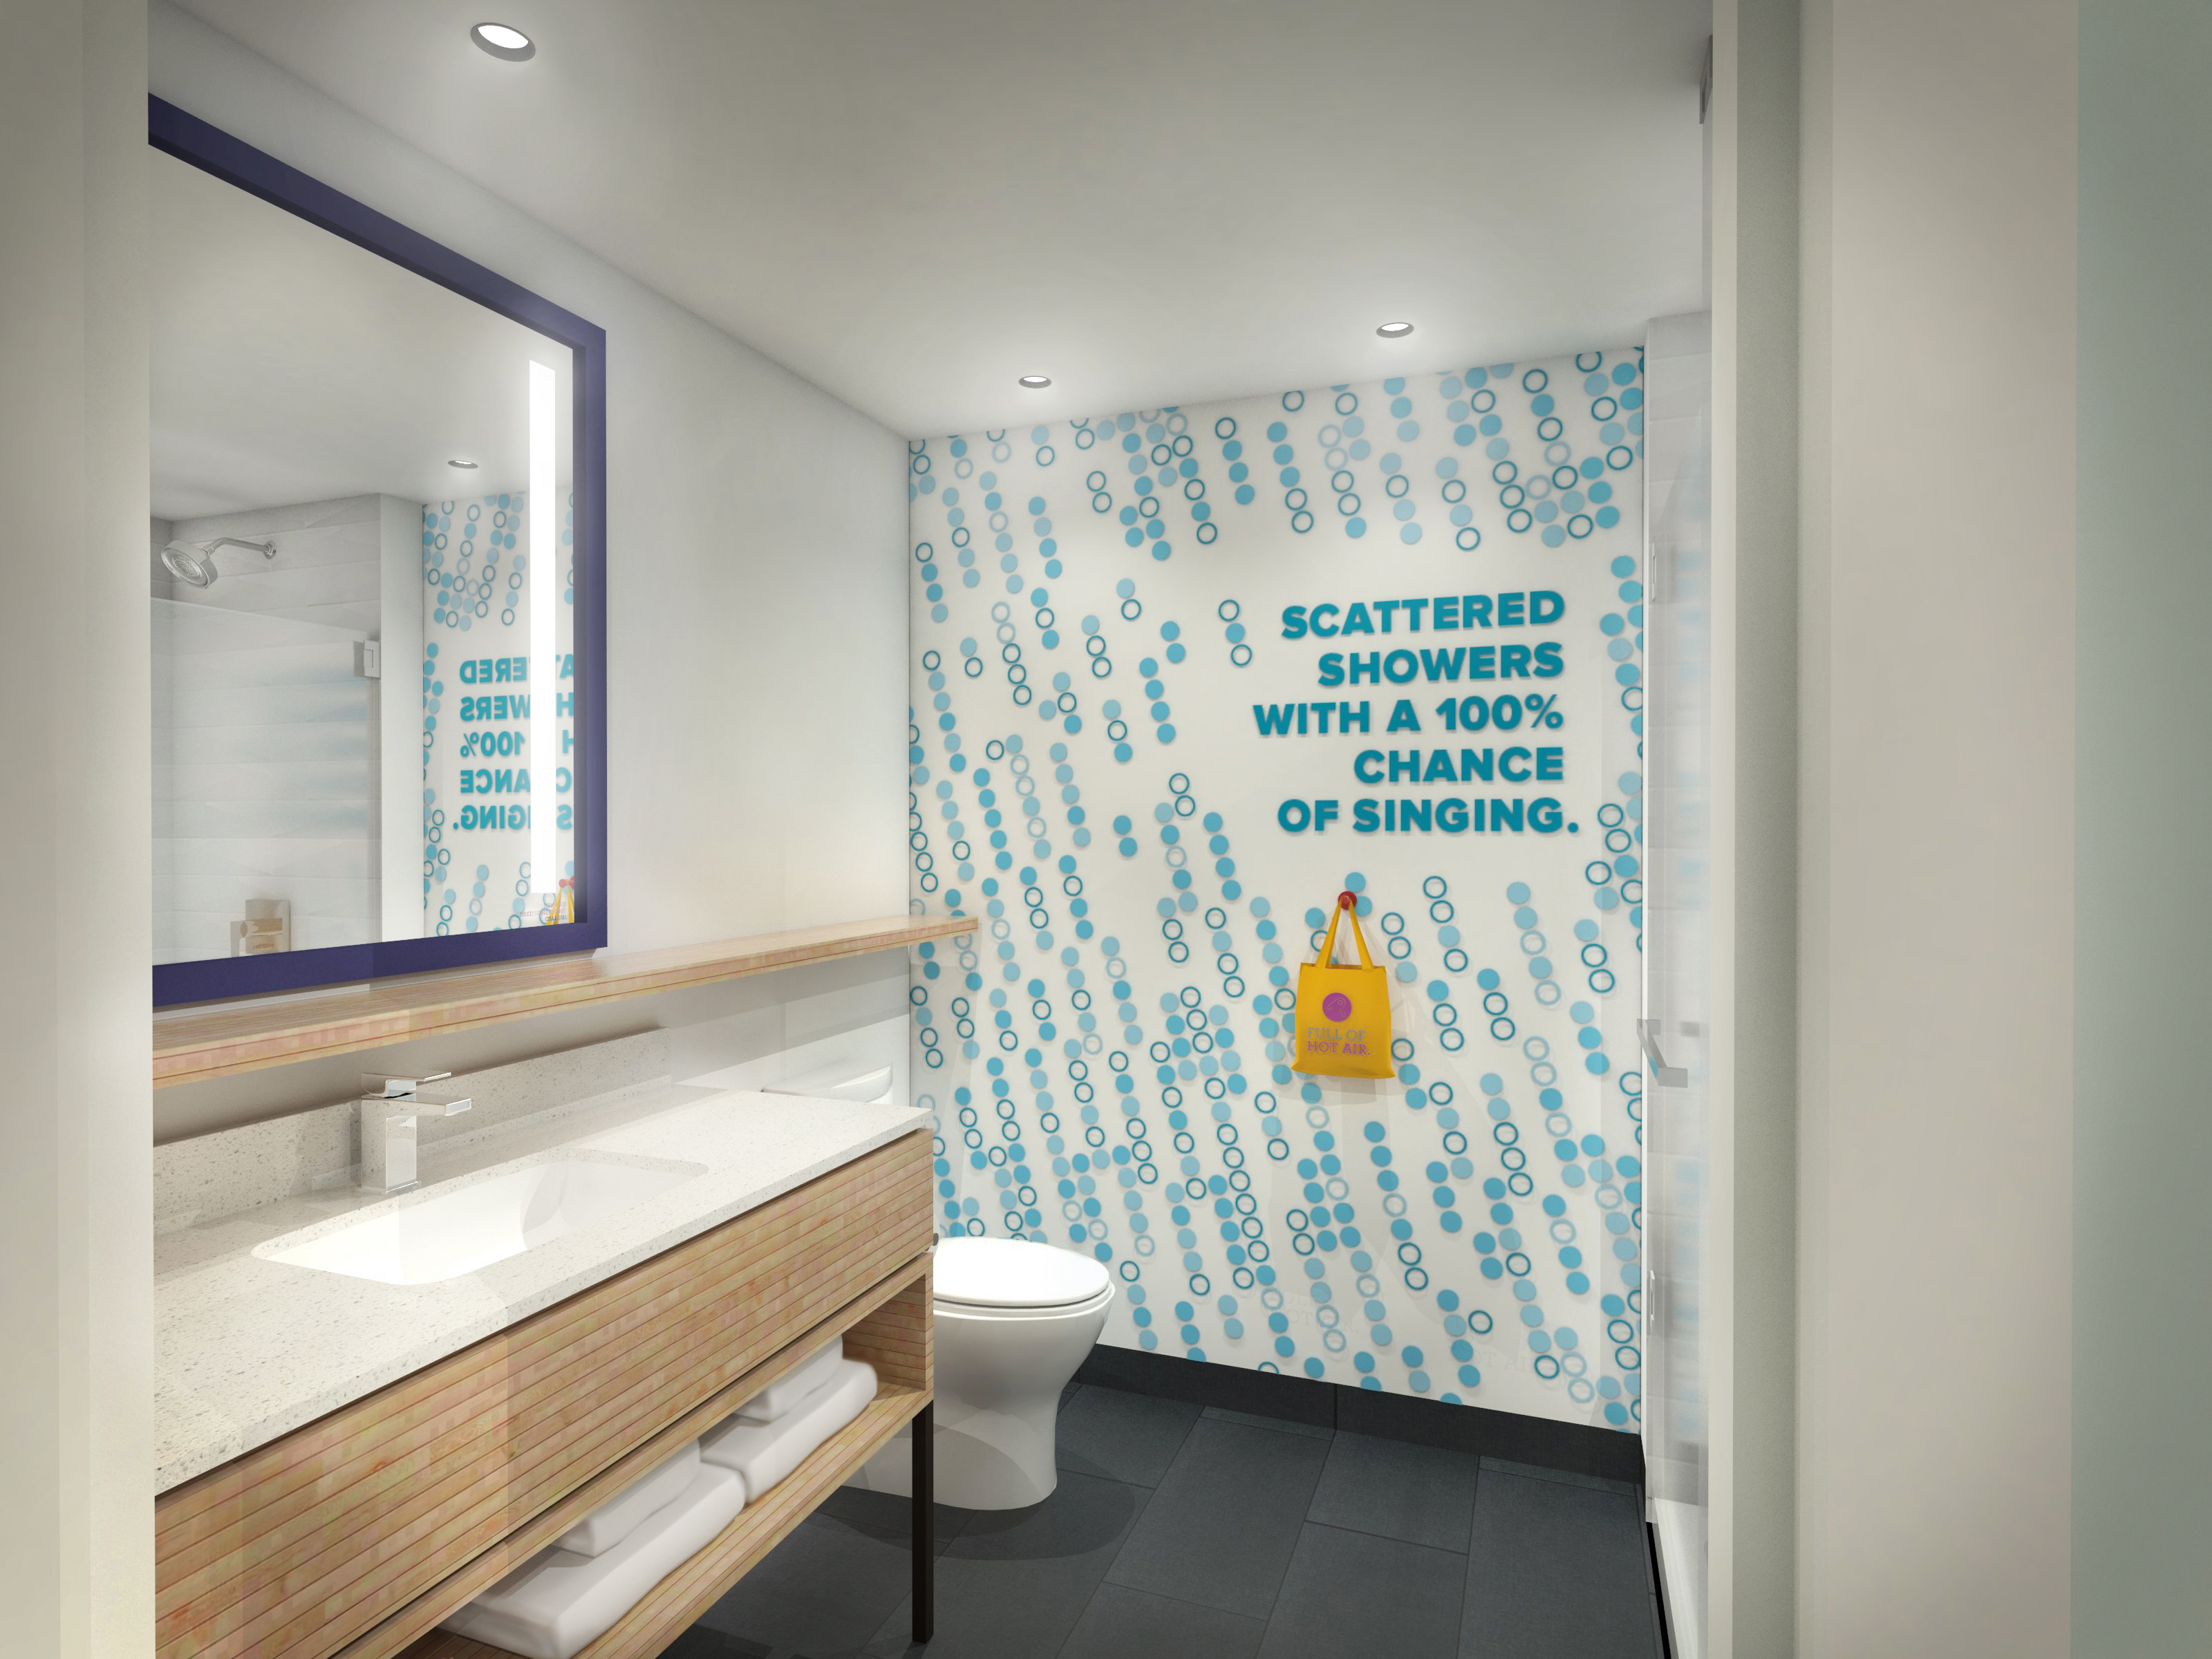 HWPC_Bathroom_Vanity_HR